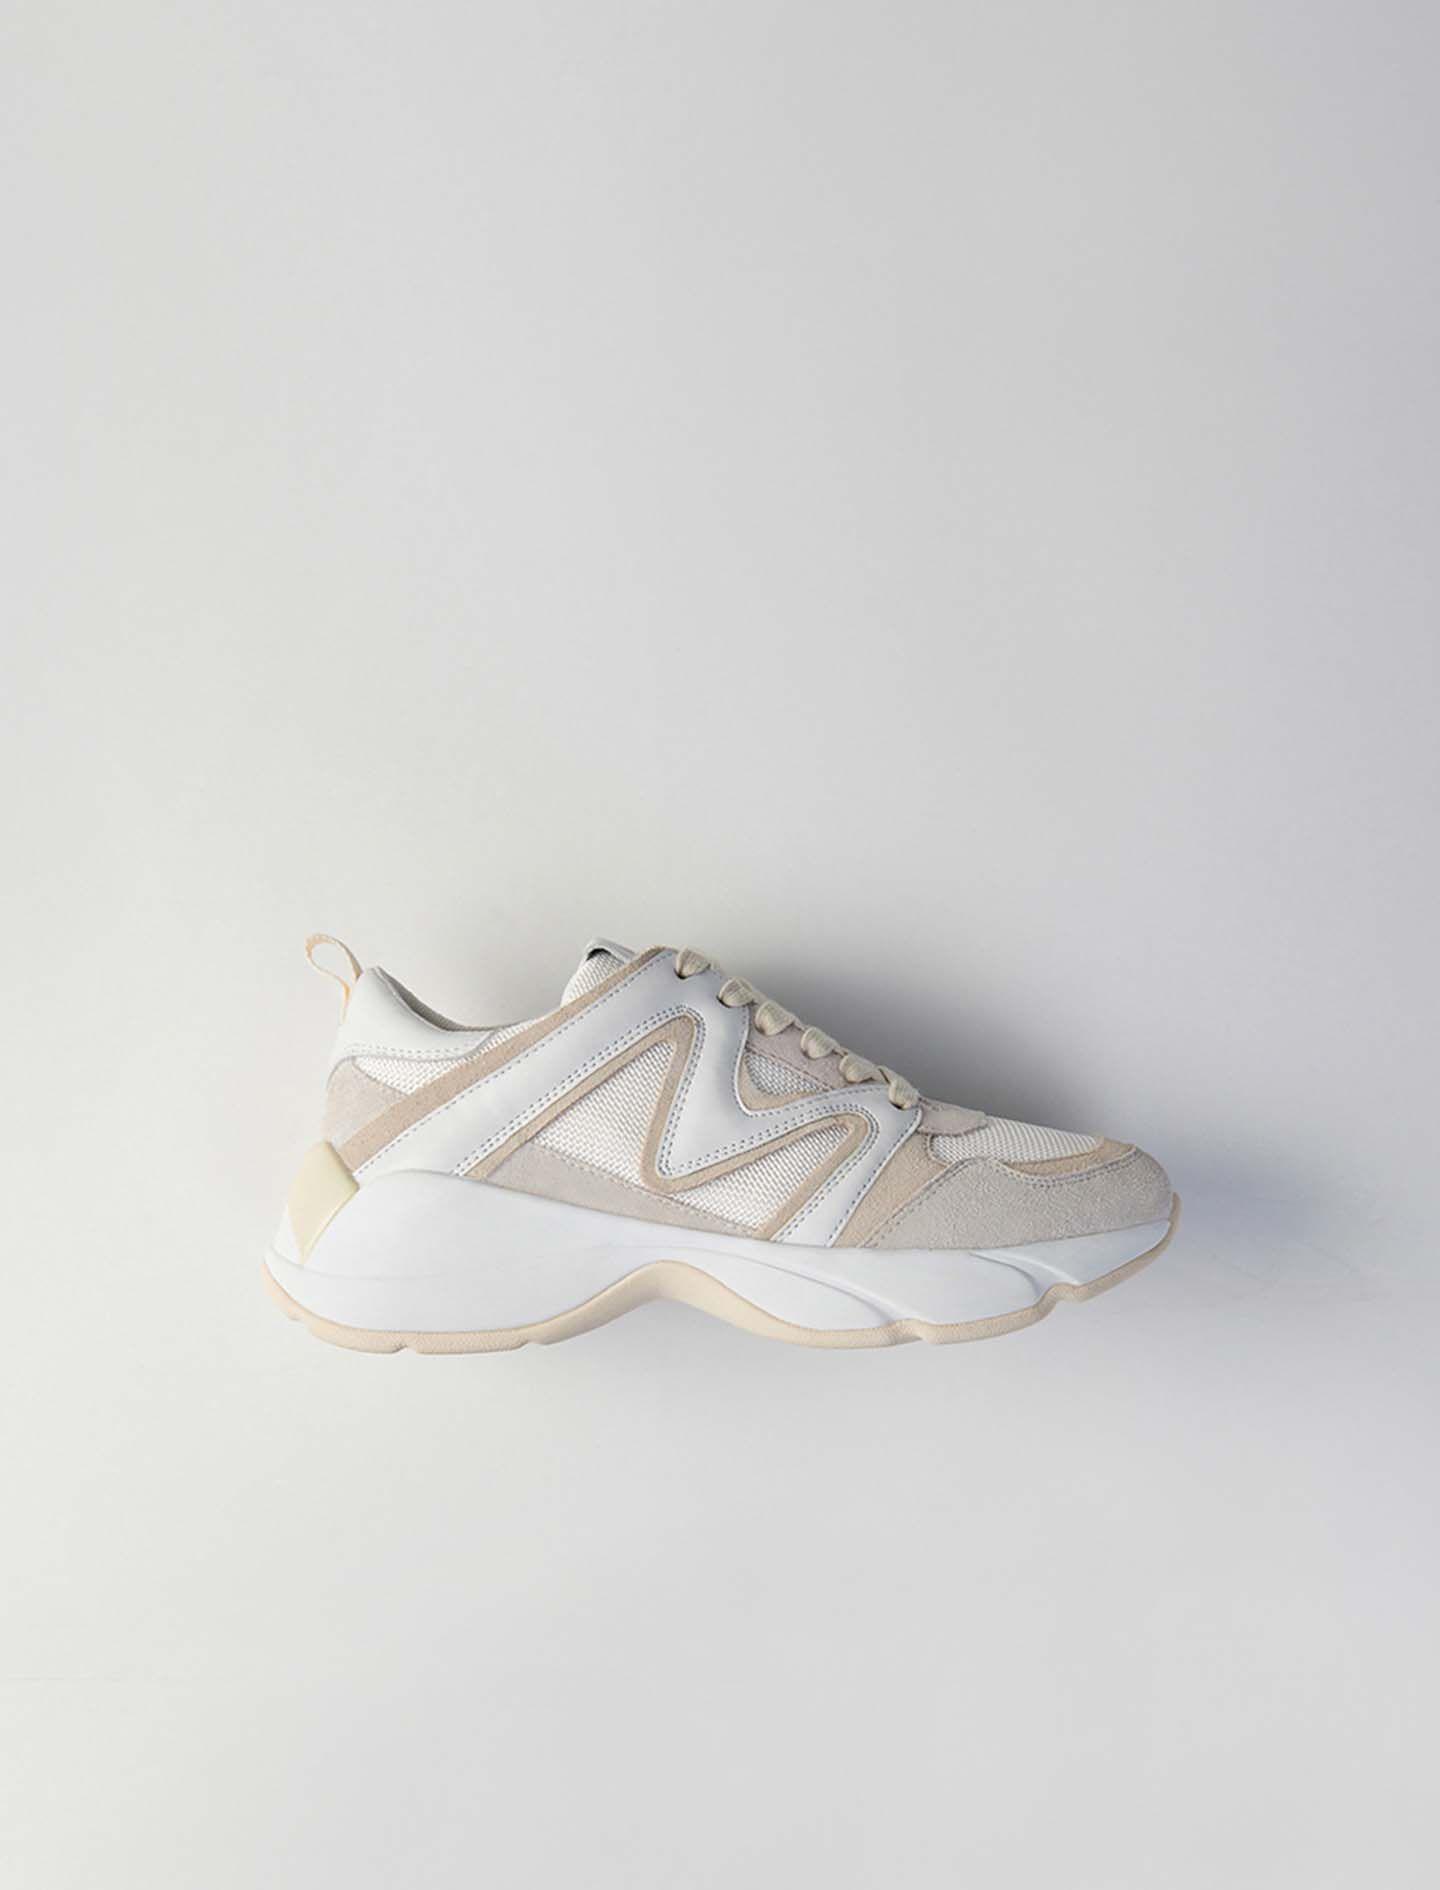 Sneakers - Women Shoes   Maje.com